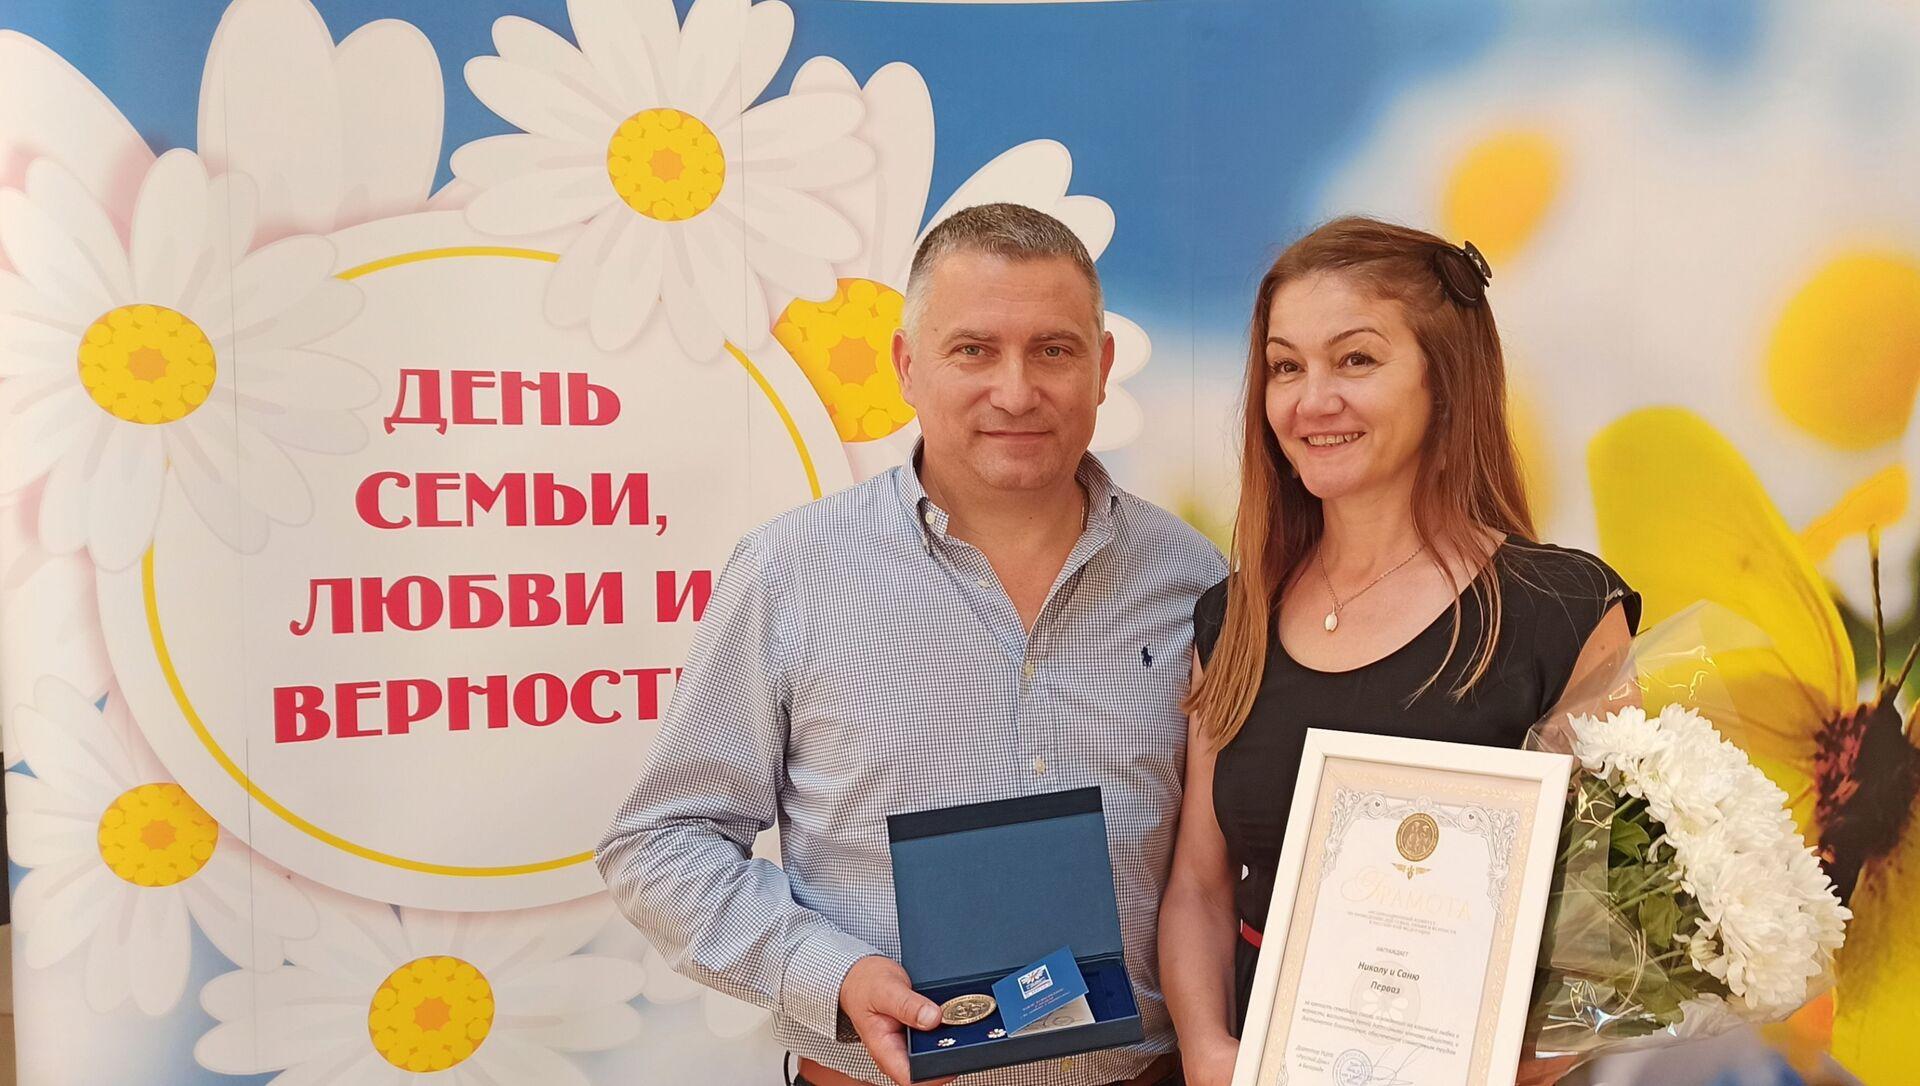 Sanja i Nikola Pervaz iz Novog Sada u braku su punih 30 godina. - Sputnik Srbija, 1920, 08.07.2021